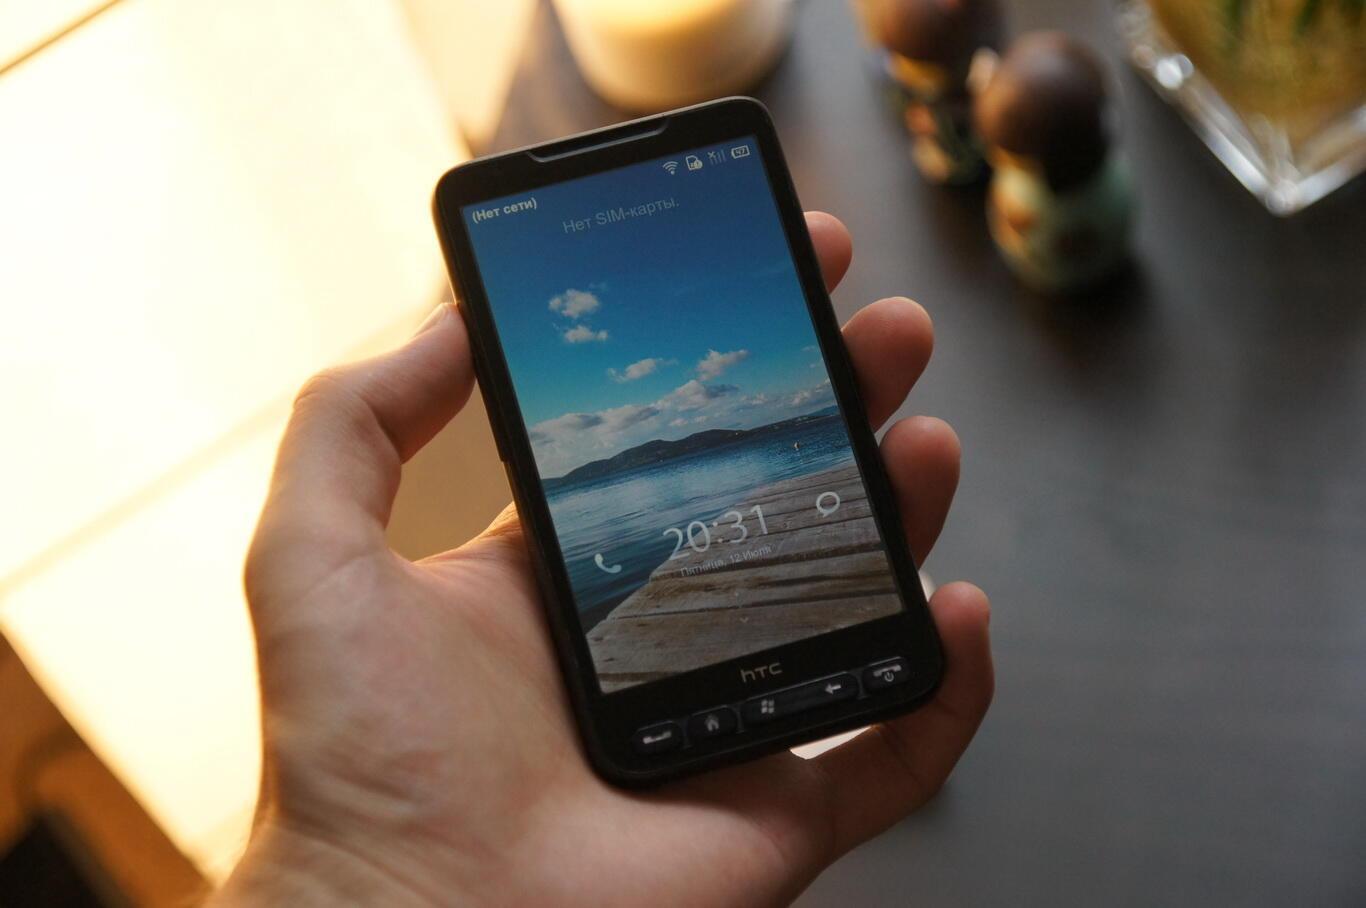 Hangi mobil internetin daha iyi olduğunu belirlemeye çalışalım